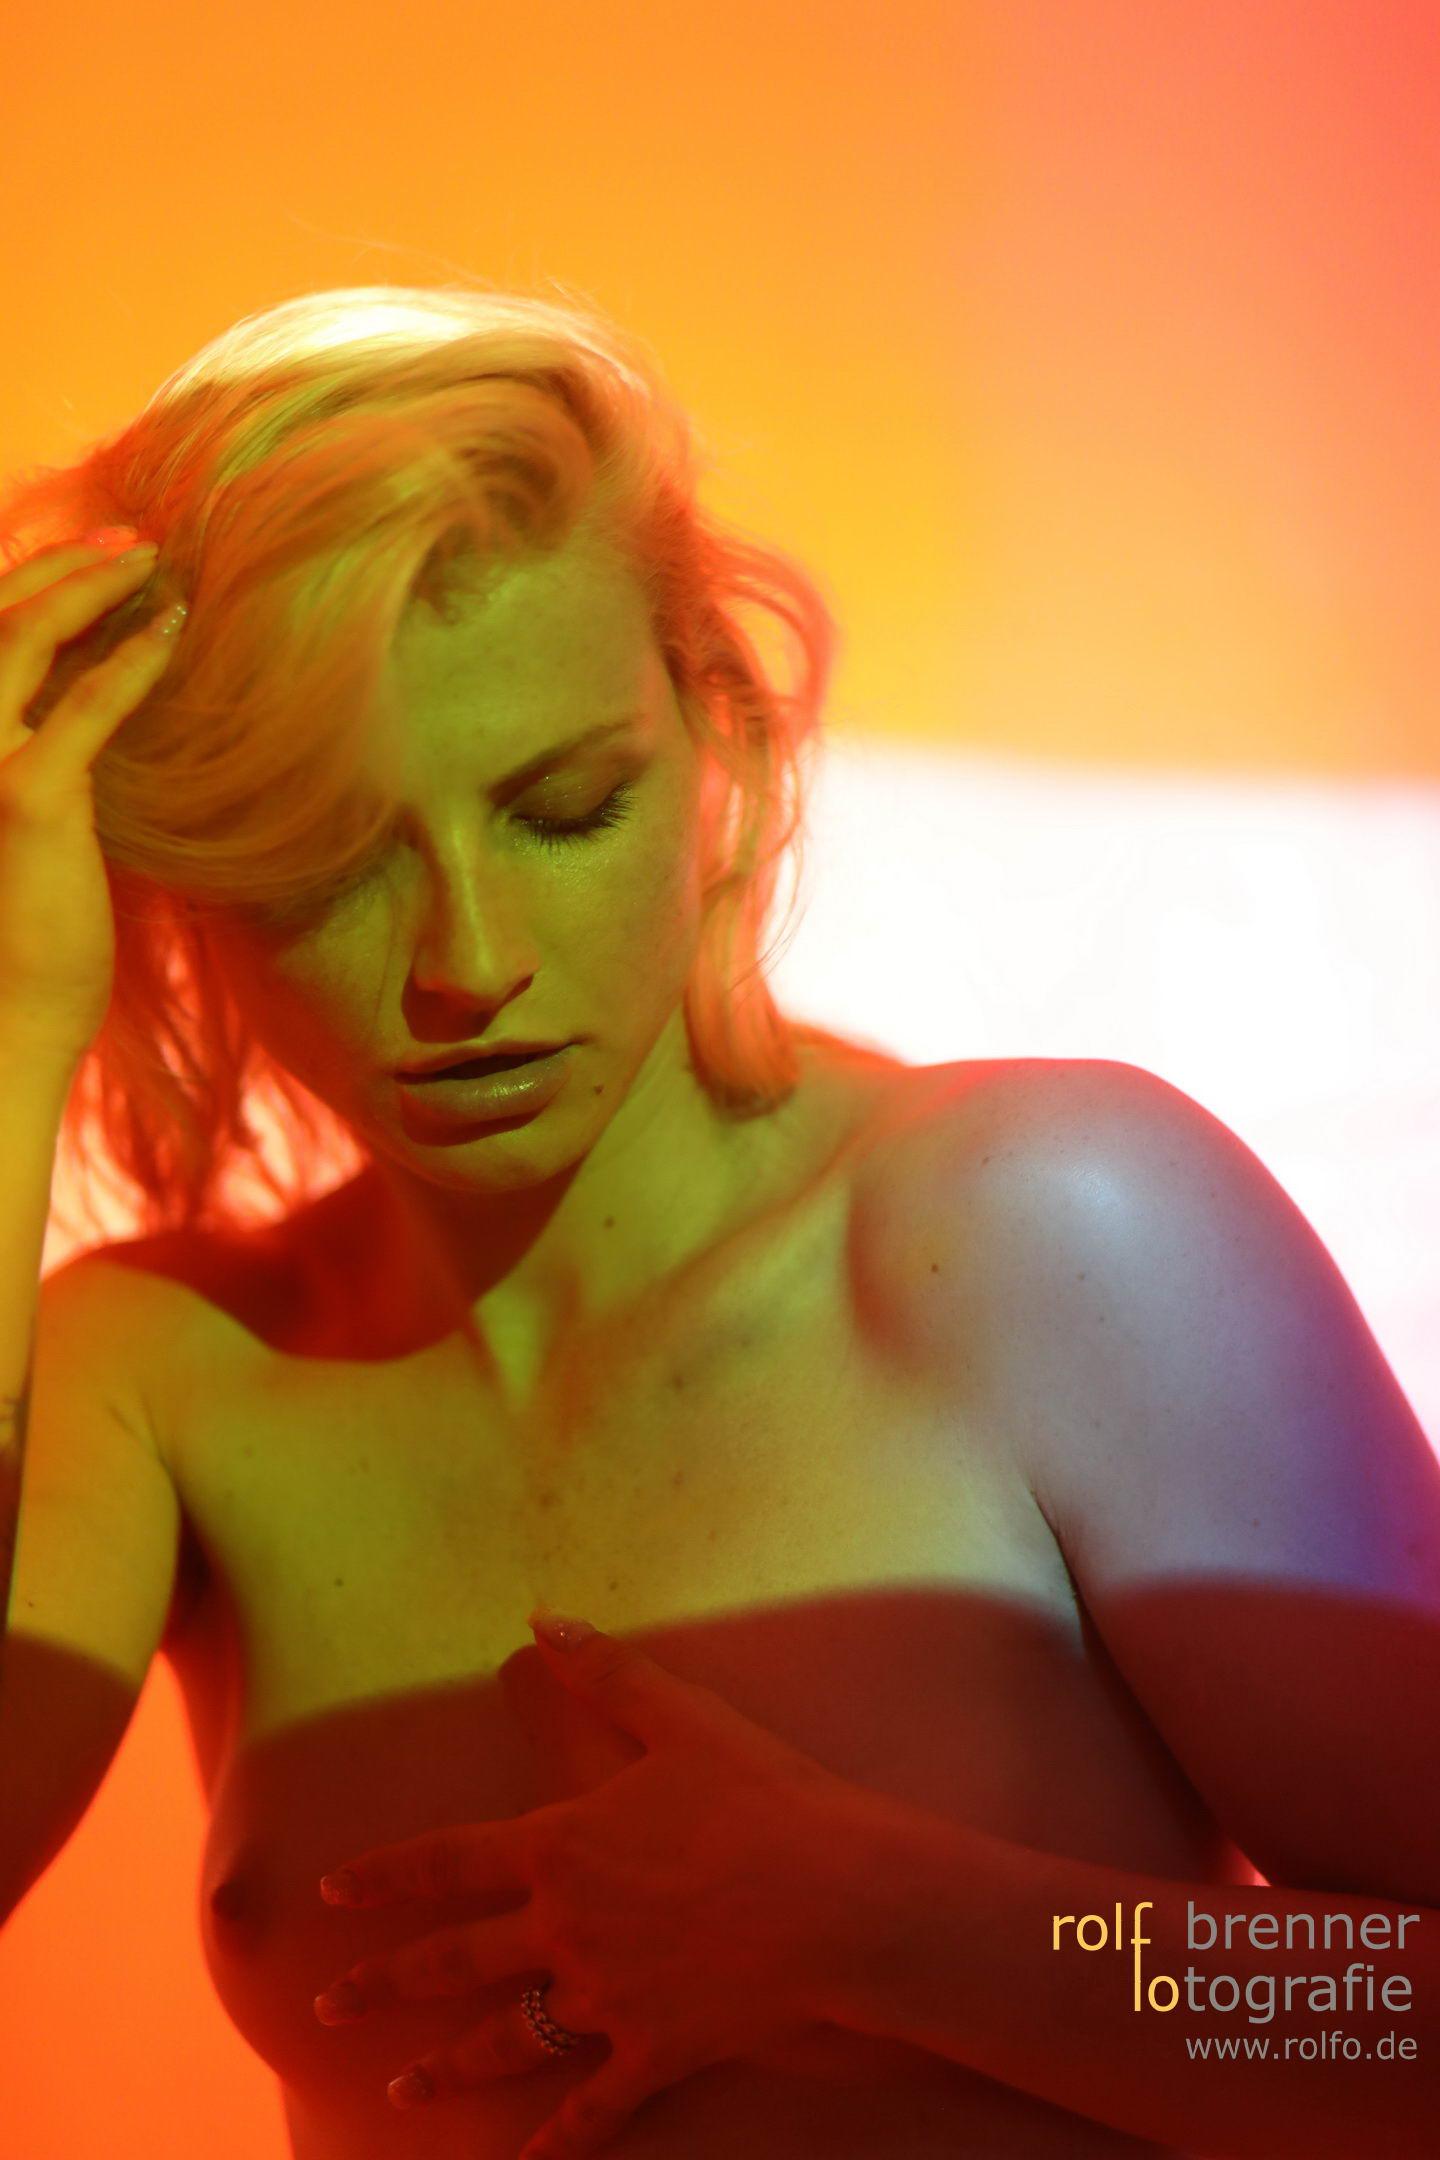 Akt Portraits unter farbigem Licht